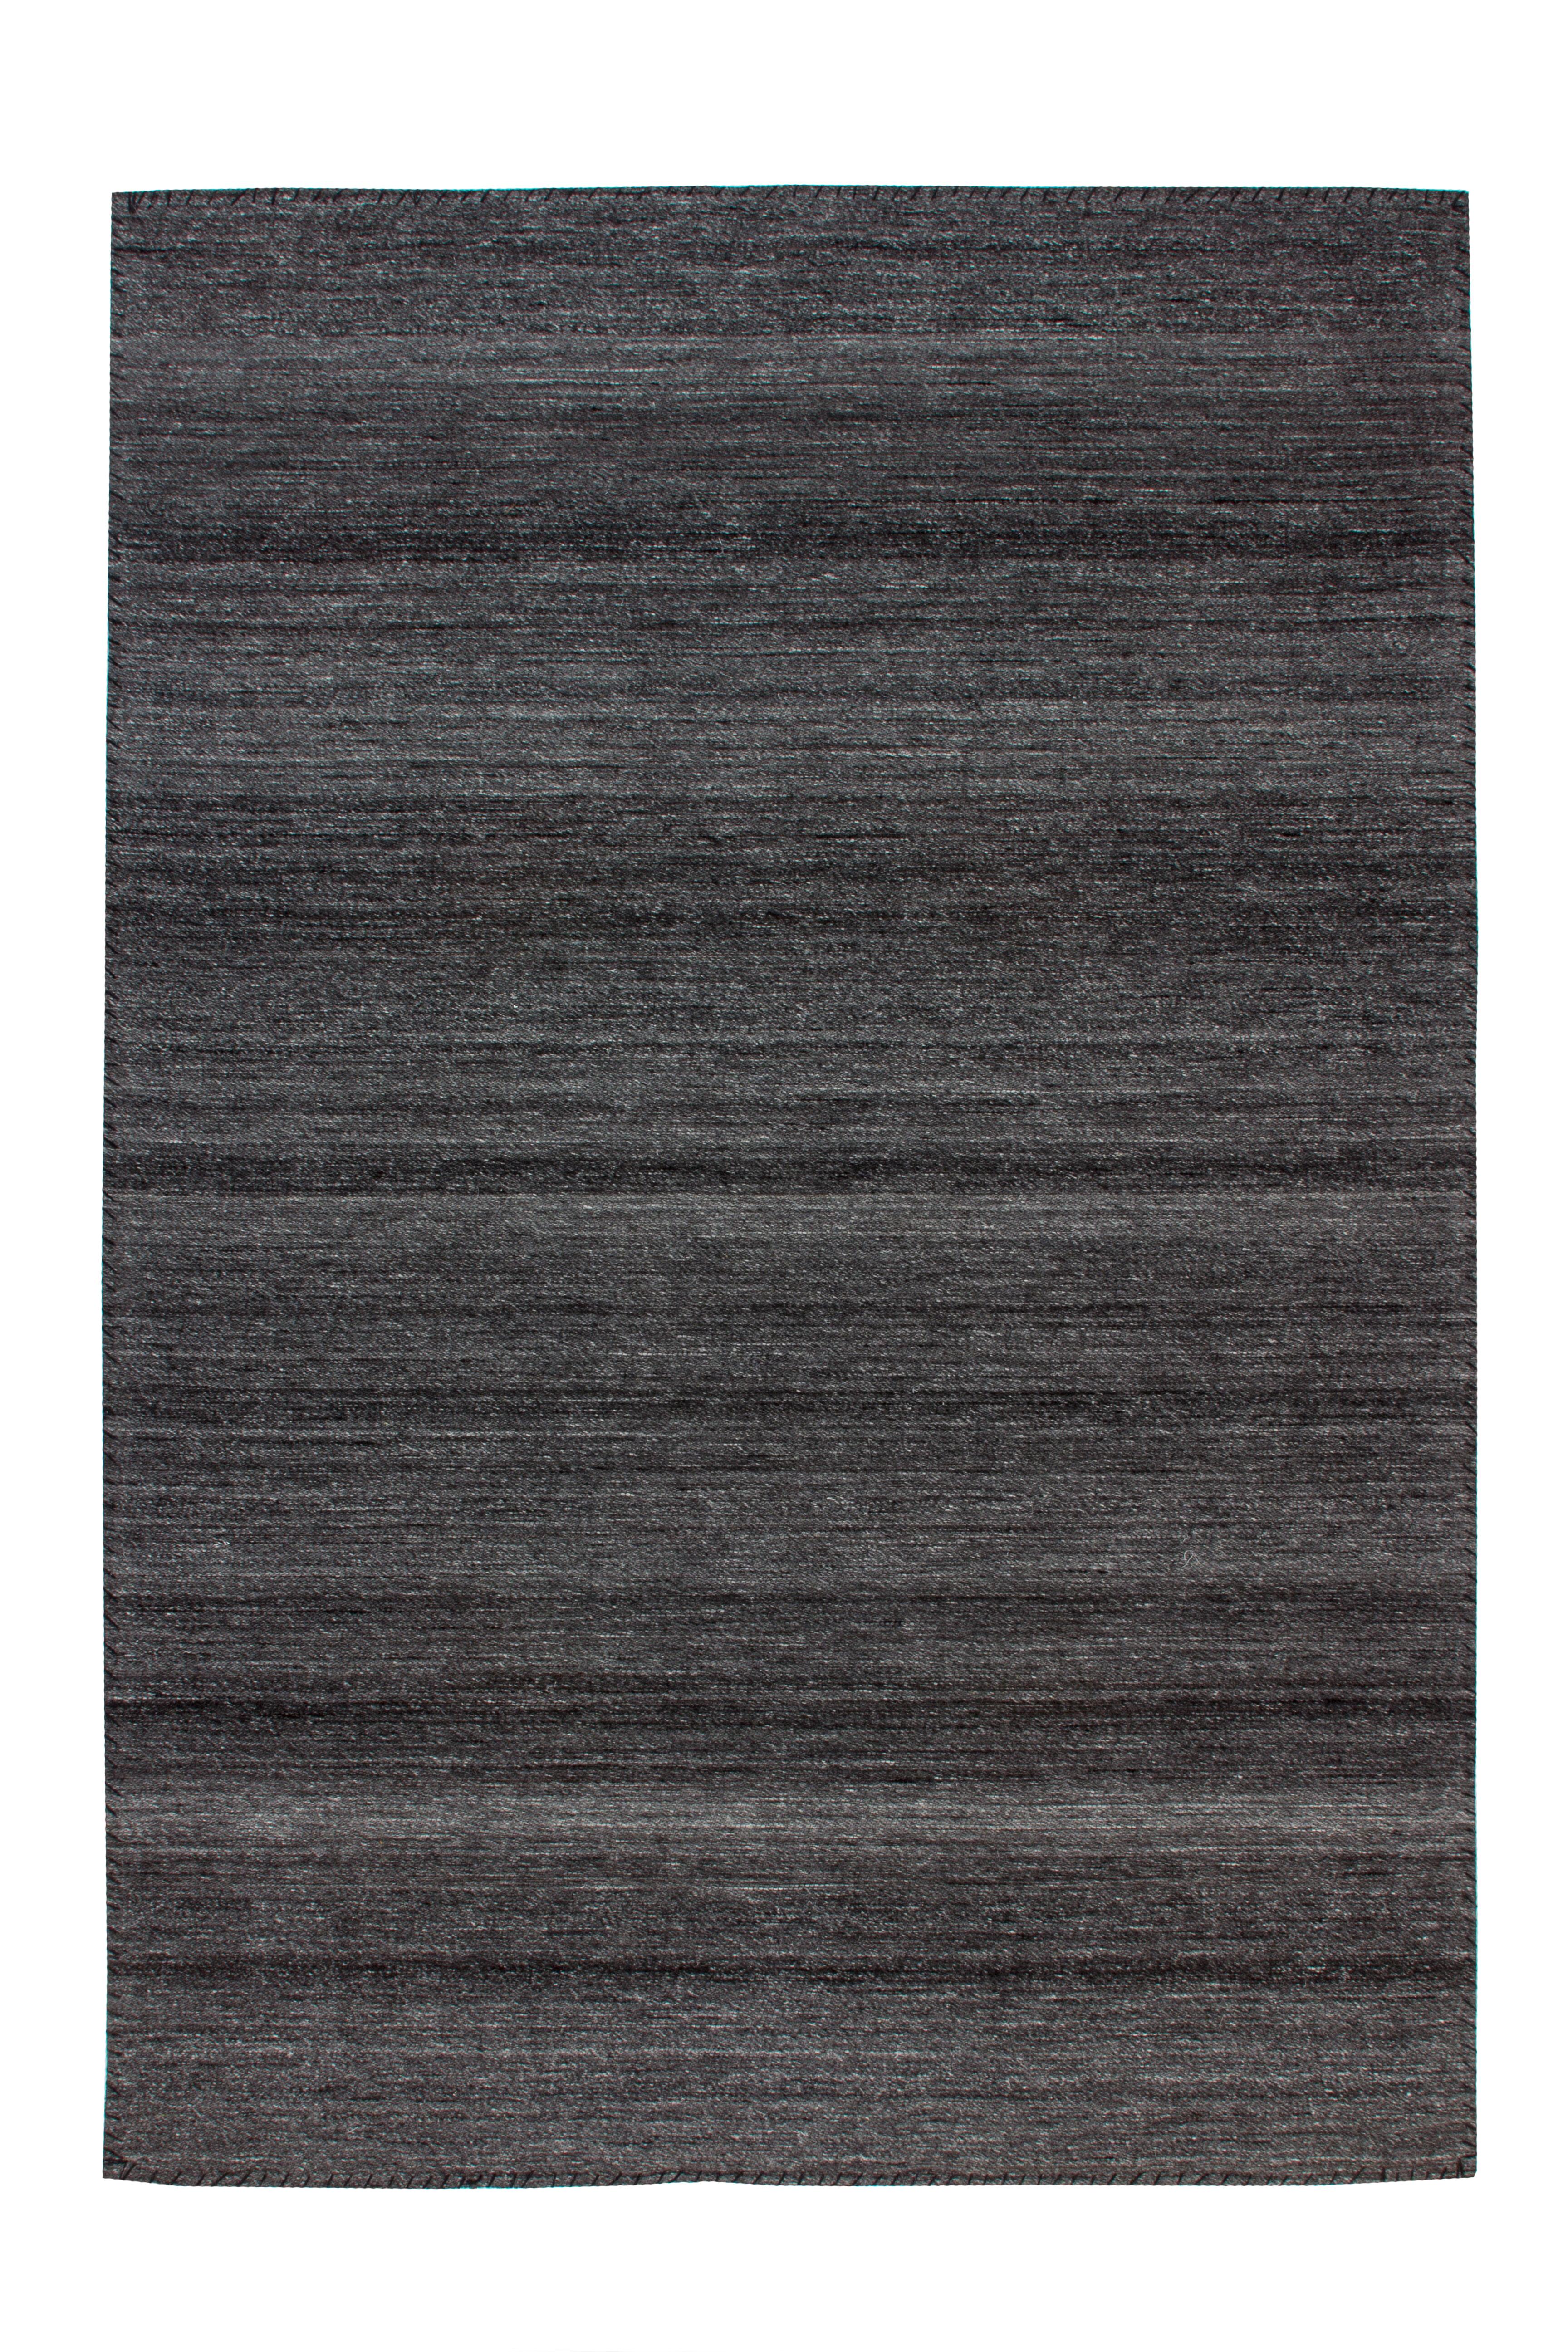 Kayoom Vloerkleed 'Phoenix 210' kleur Antraciet / Grijs, 200 x 290cm